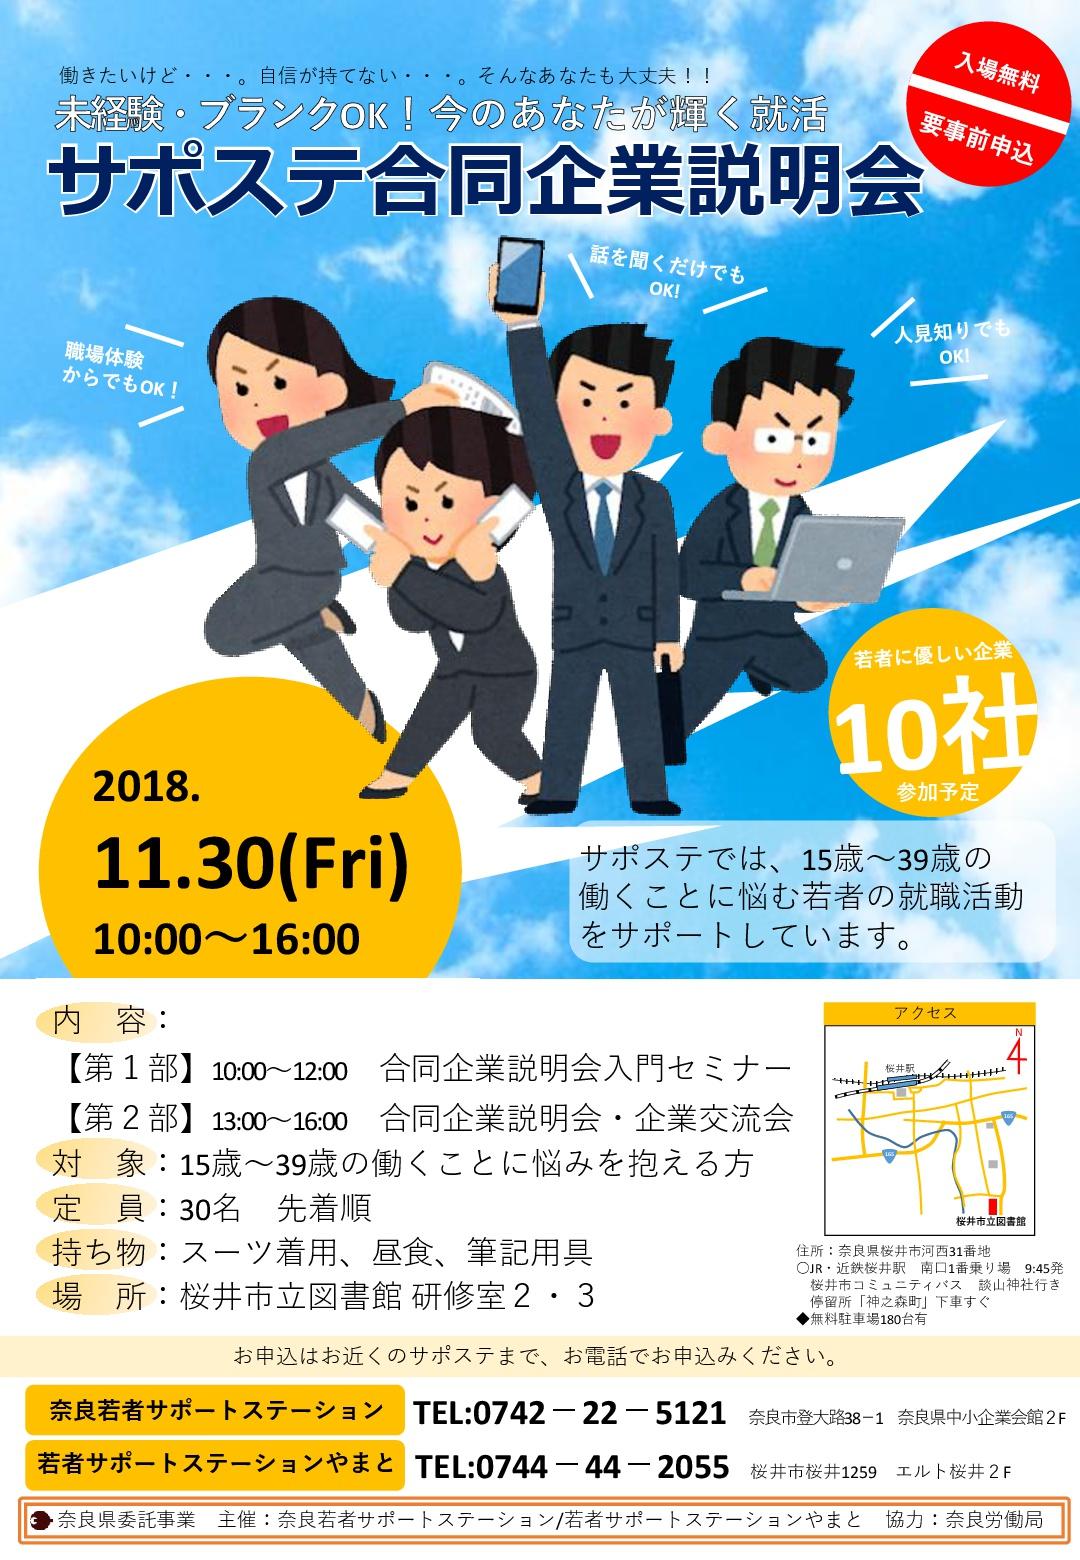 サポステ合同企業説明会 in 桜井市(2018/11/30(金)10~16時